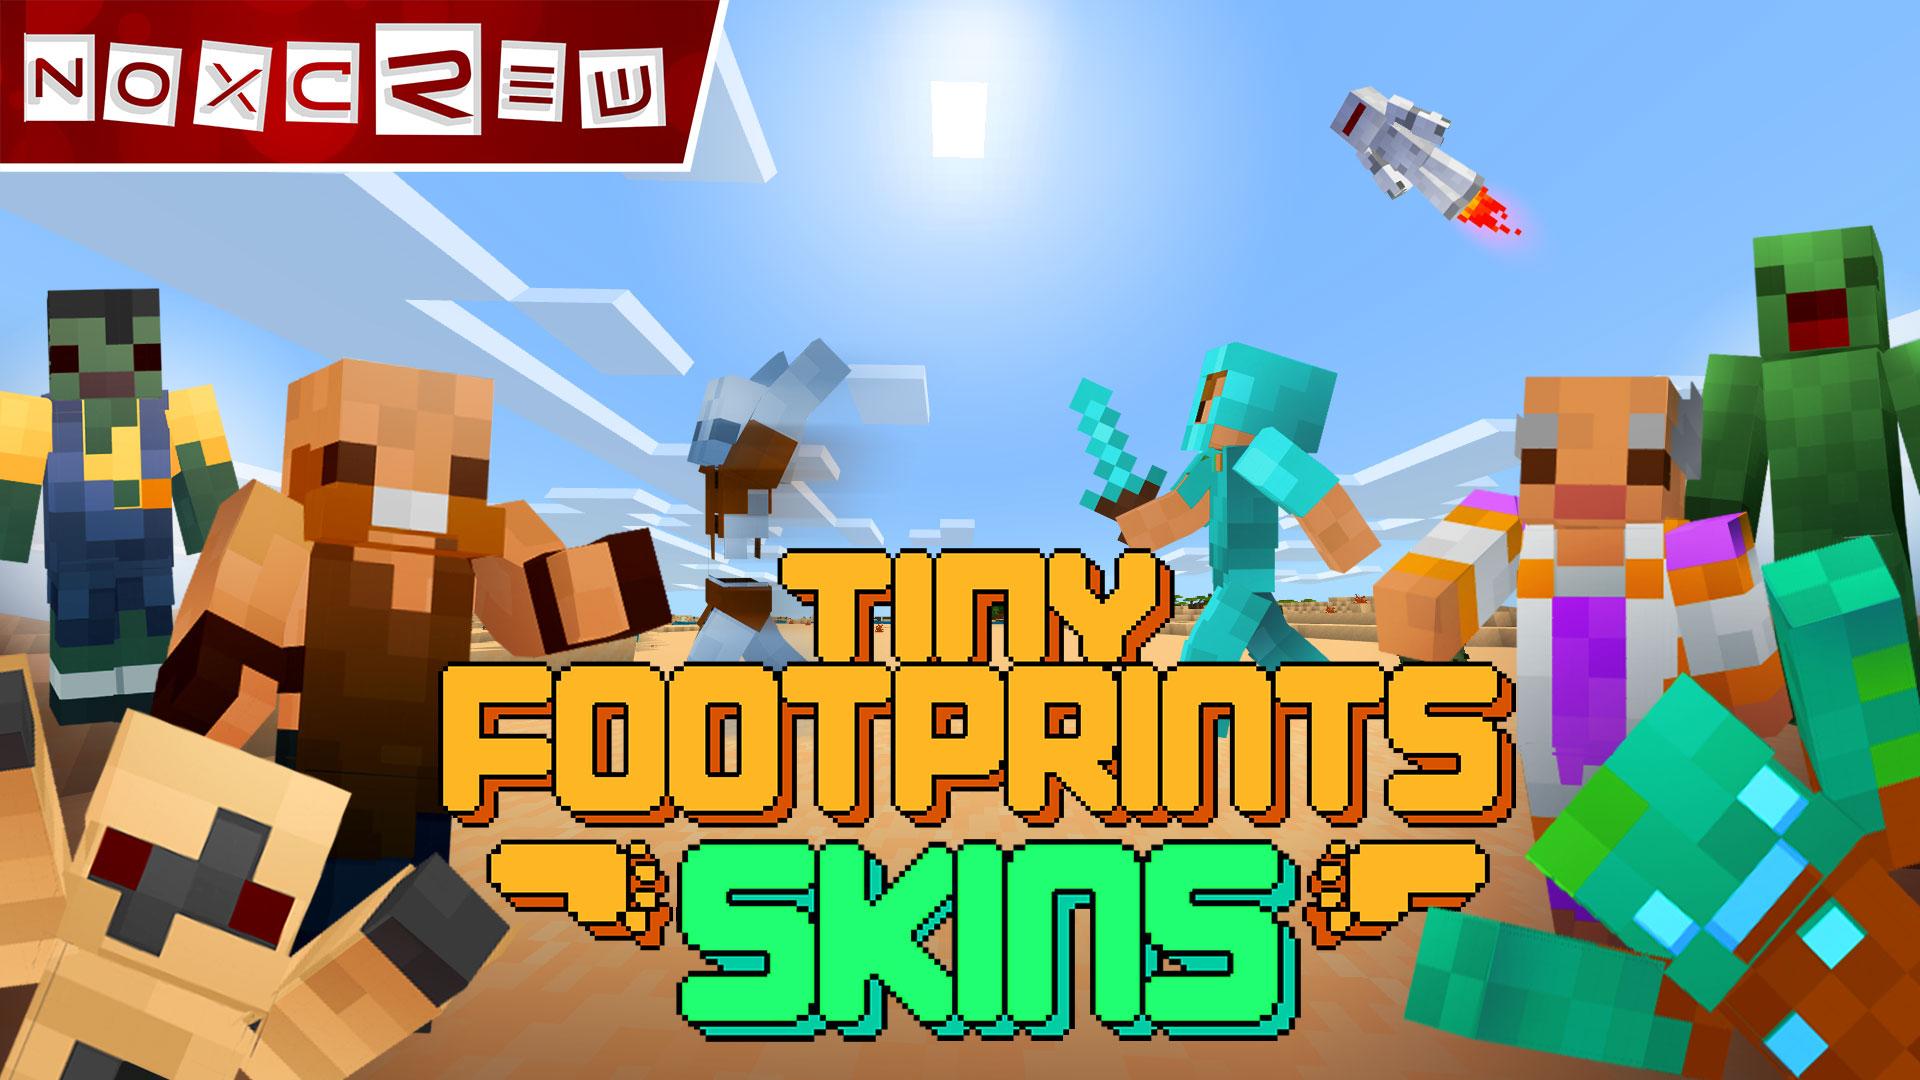 Noxcrew | Tiny Footprints